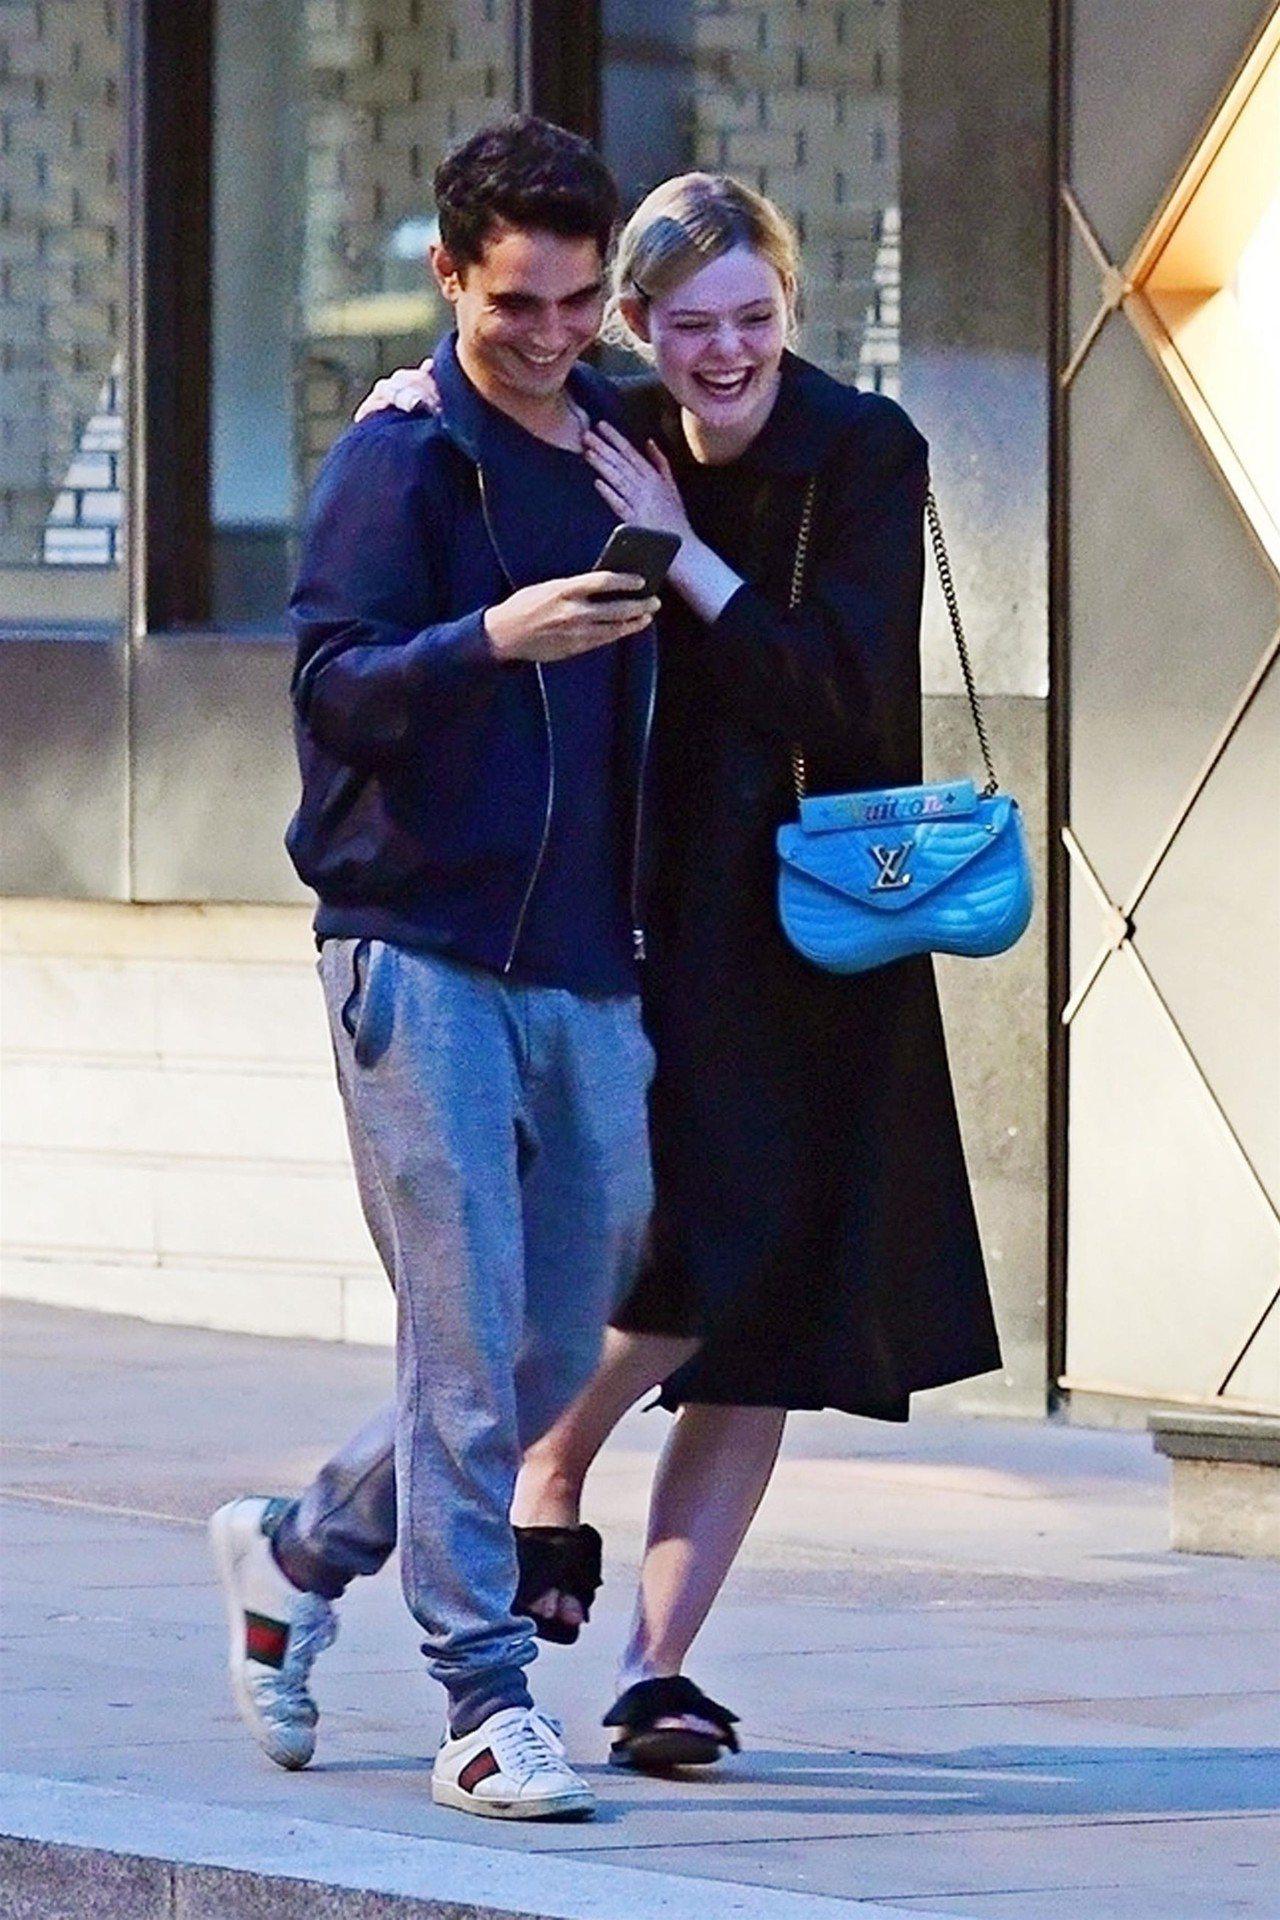 艾兒芬妮背著路易威登New Wave包款大街上煲緋聞愛戀,笑得多甜。圖/LV提供